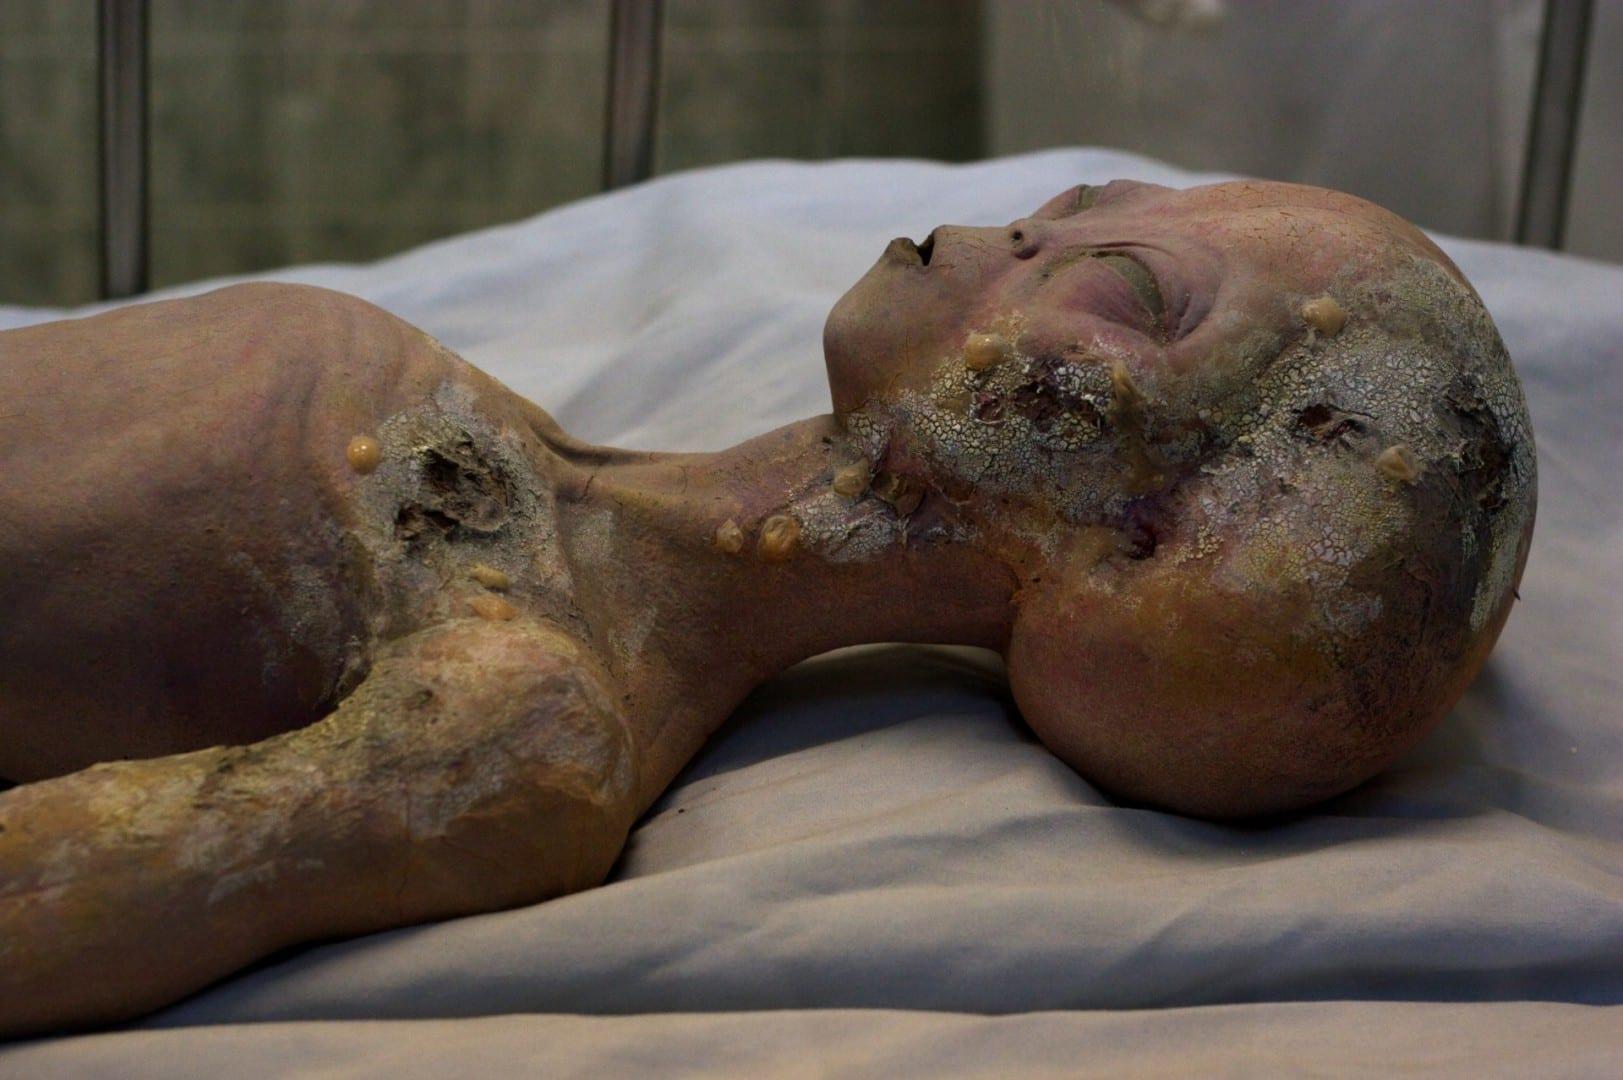 La exhibición de la autopsia de un alienígena en el Museo Internacional de OVNIs Roswell NM Estados Unidos